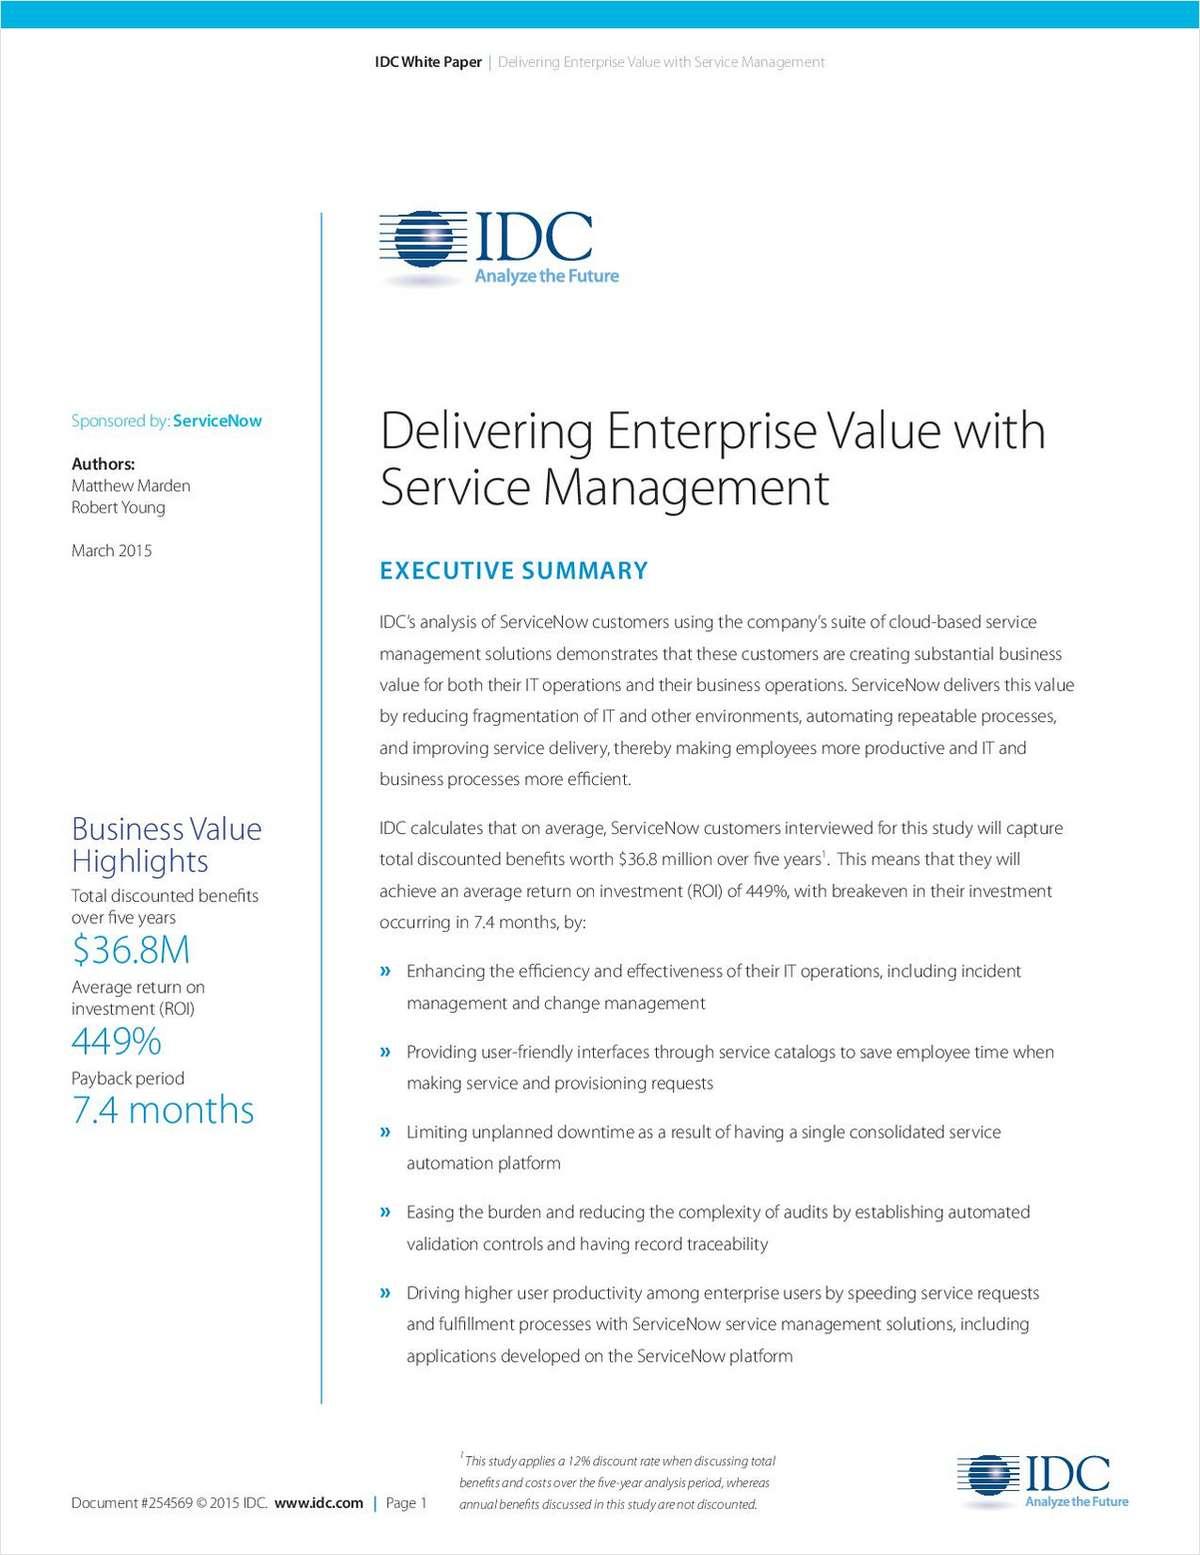 Delivering Enterprise Value with Service Management